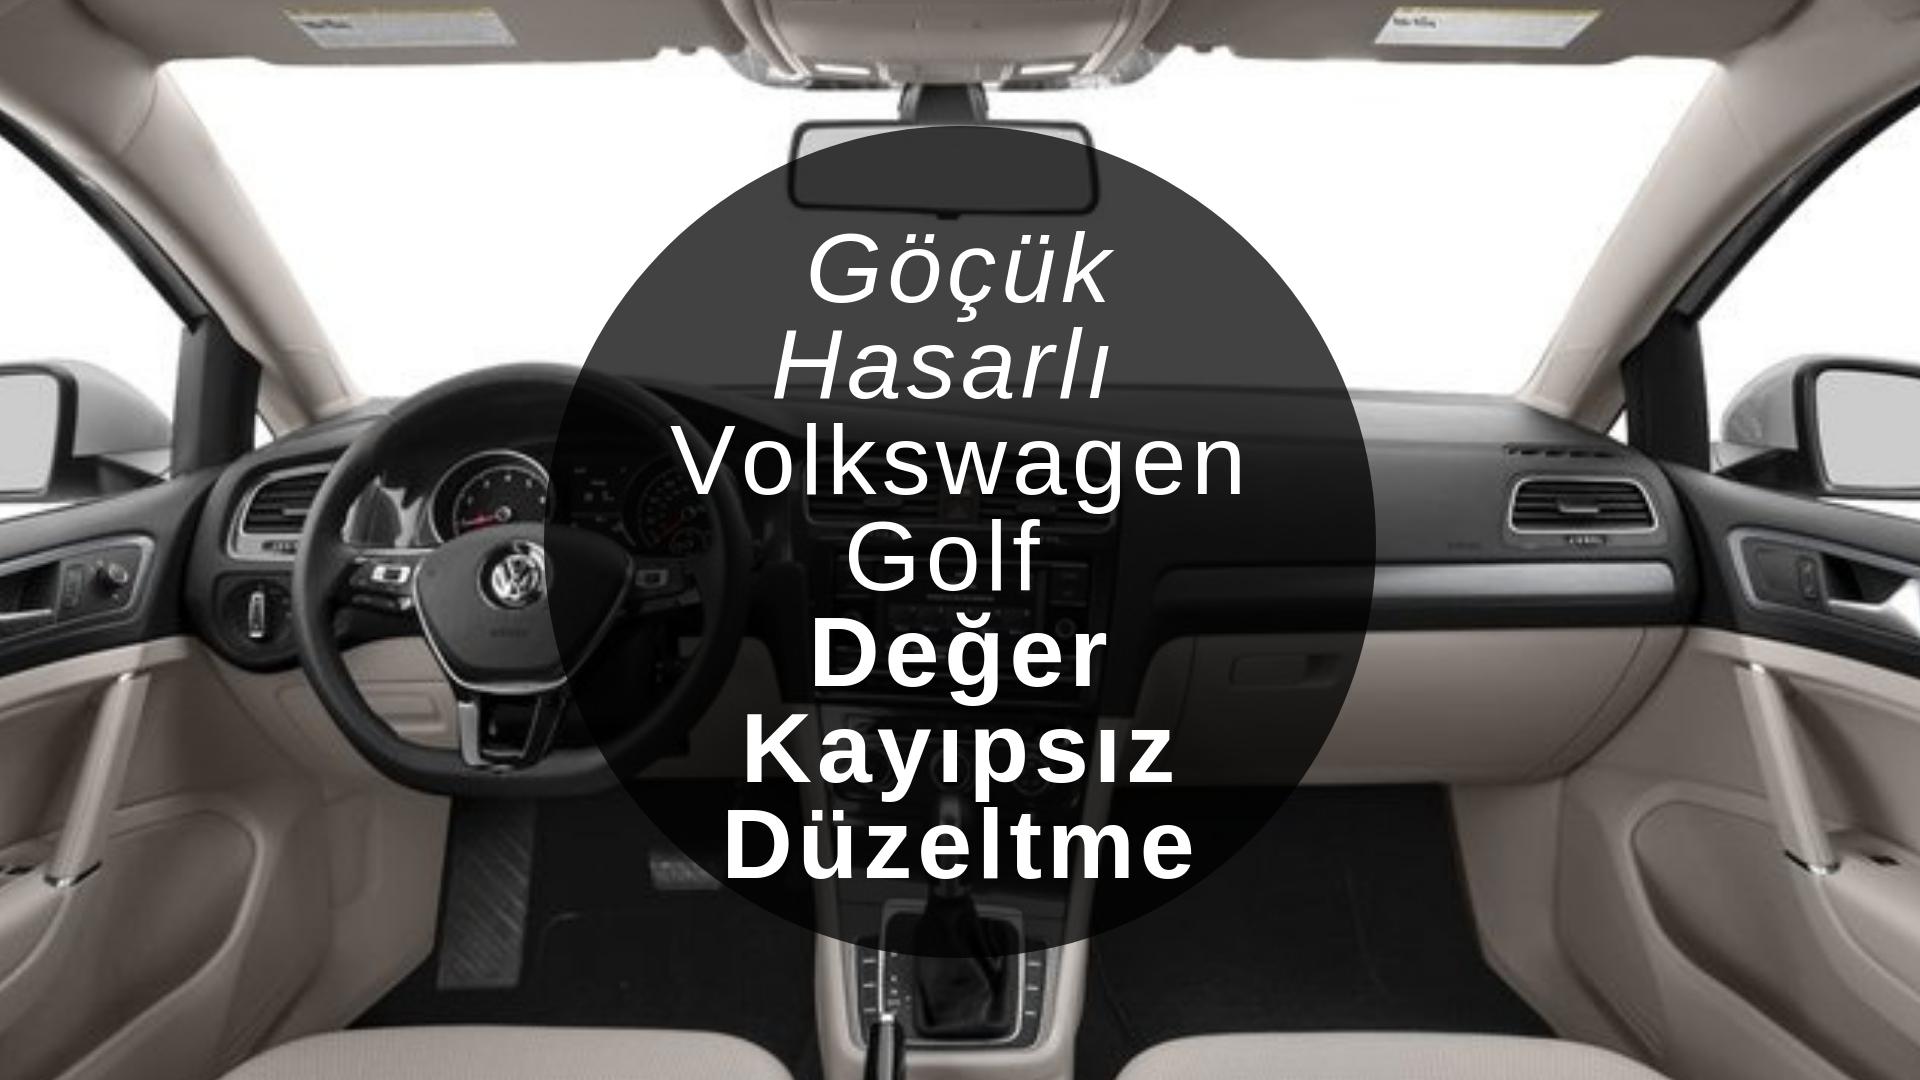 Göçük hasarlı Volkswagen Golf değer kayıpsız düzeltme